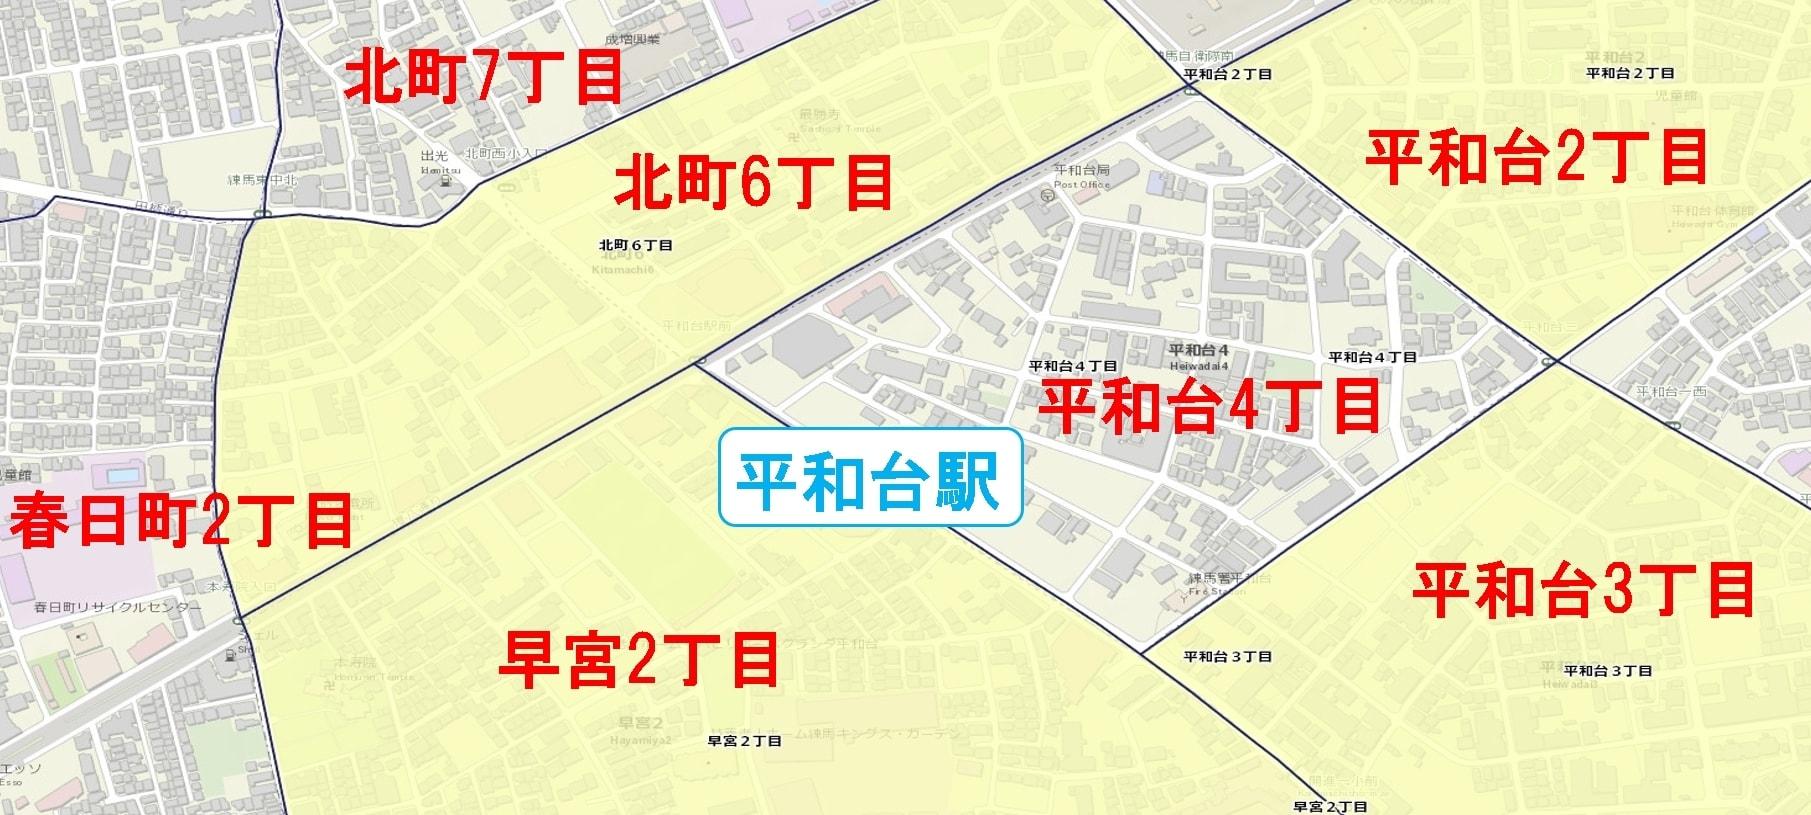 平和台駅周辺の粗暴犯の犯罪件数マップ